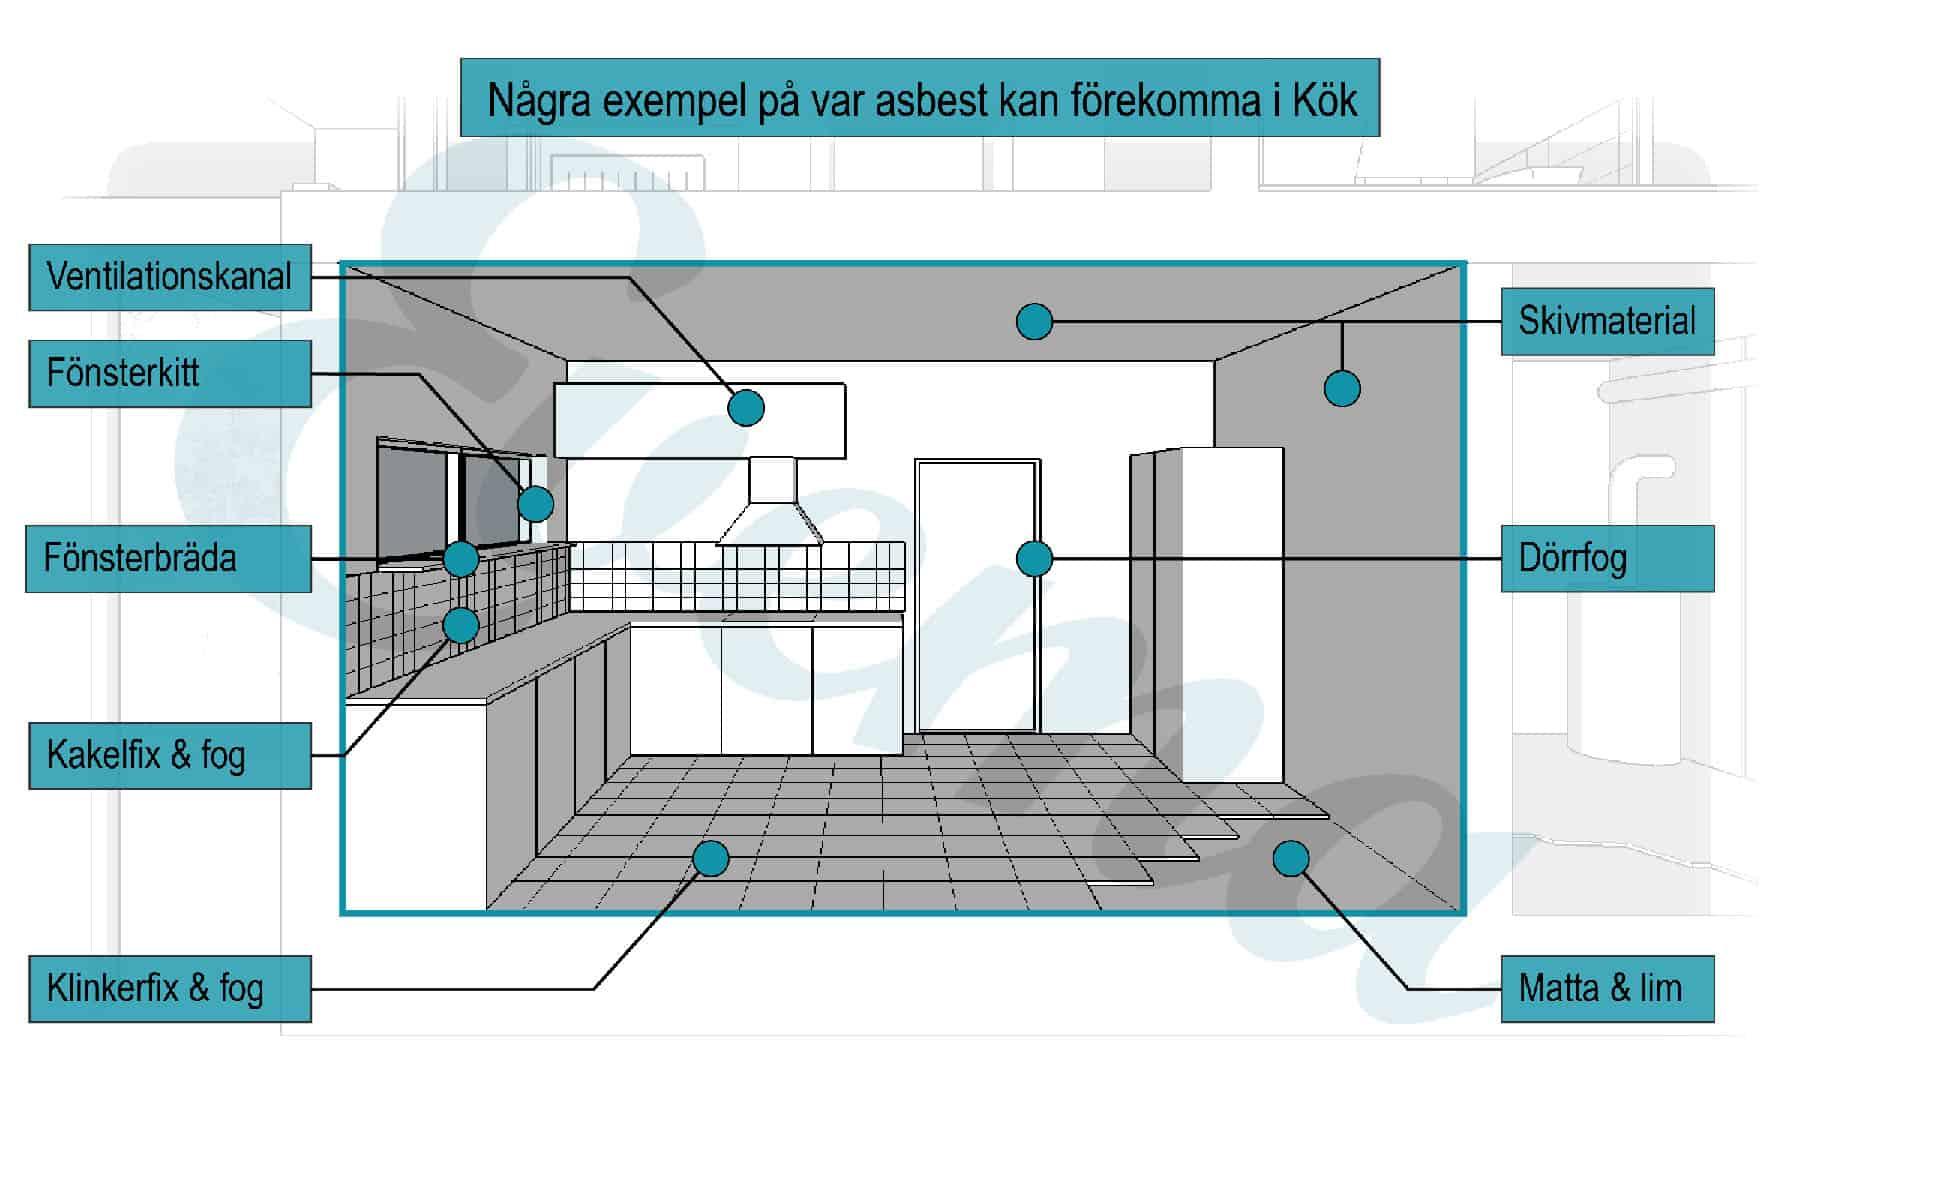 Grafisk bild som visar vart det kan finnas asbest i ett kök